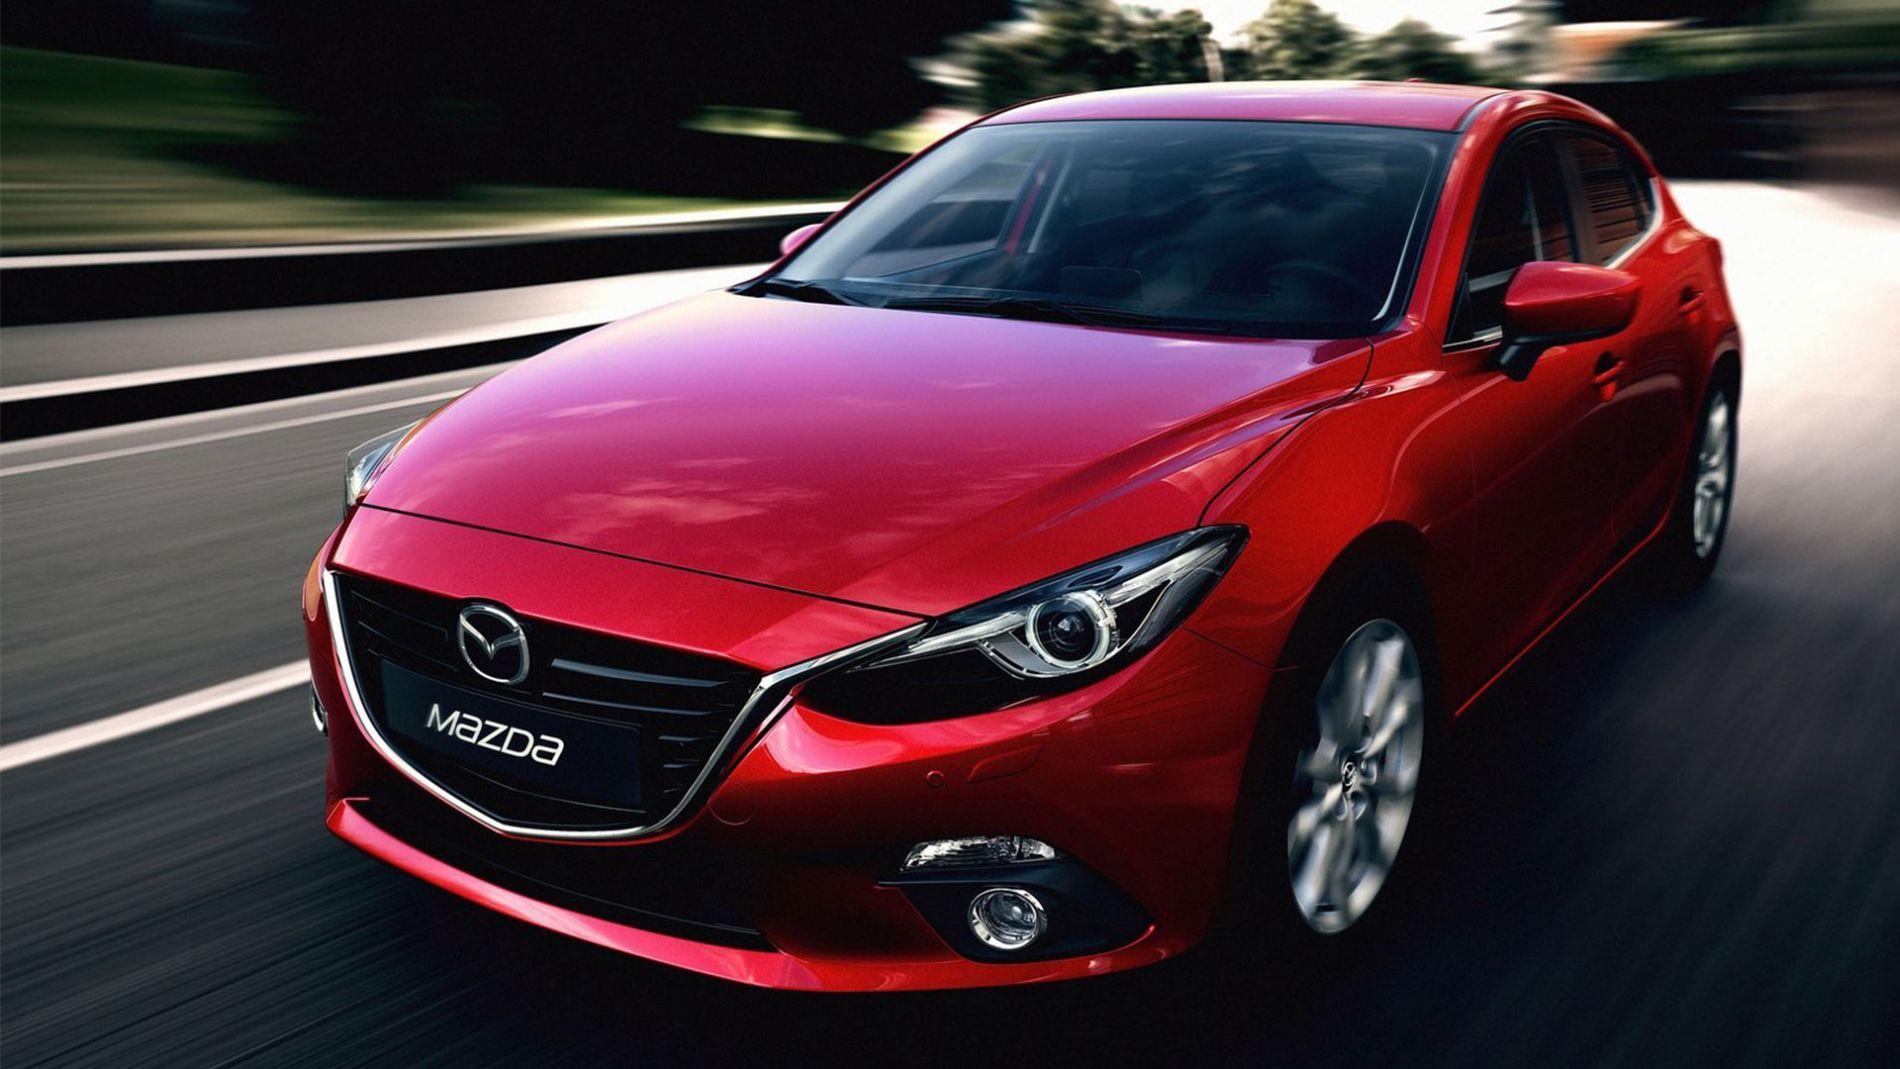 mazda 6 pictures Mazda cars, Mazda 6, Mid size car